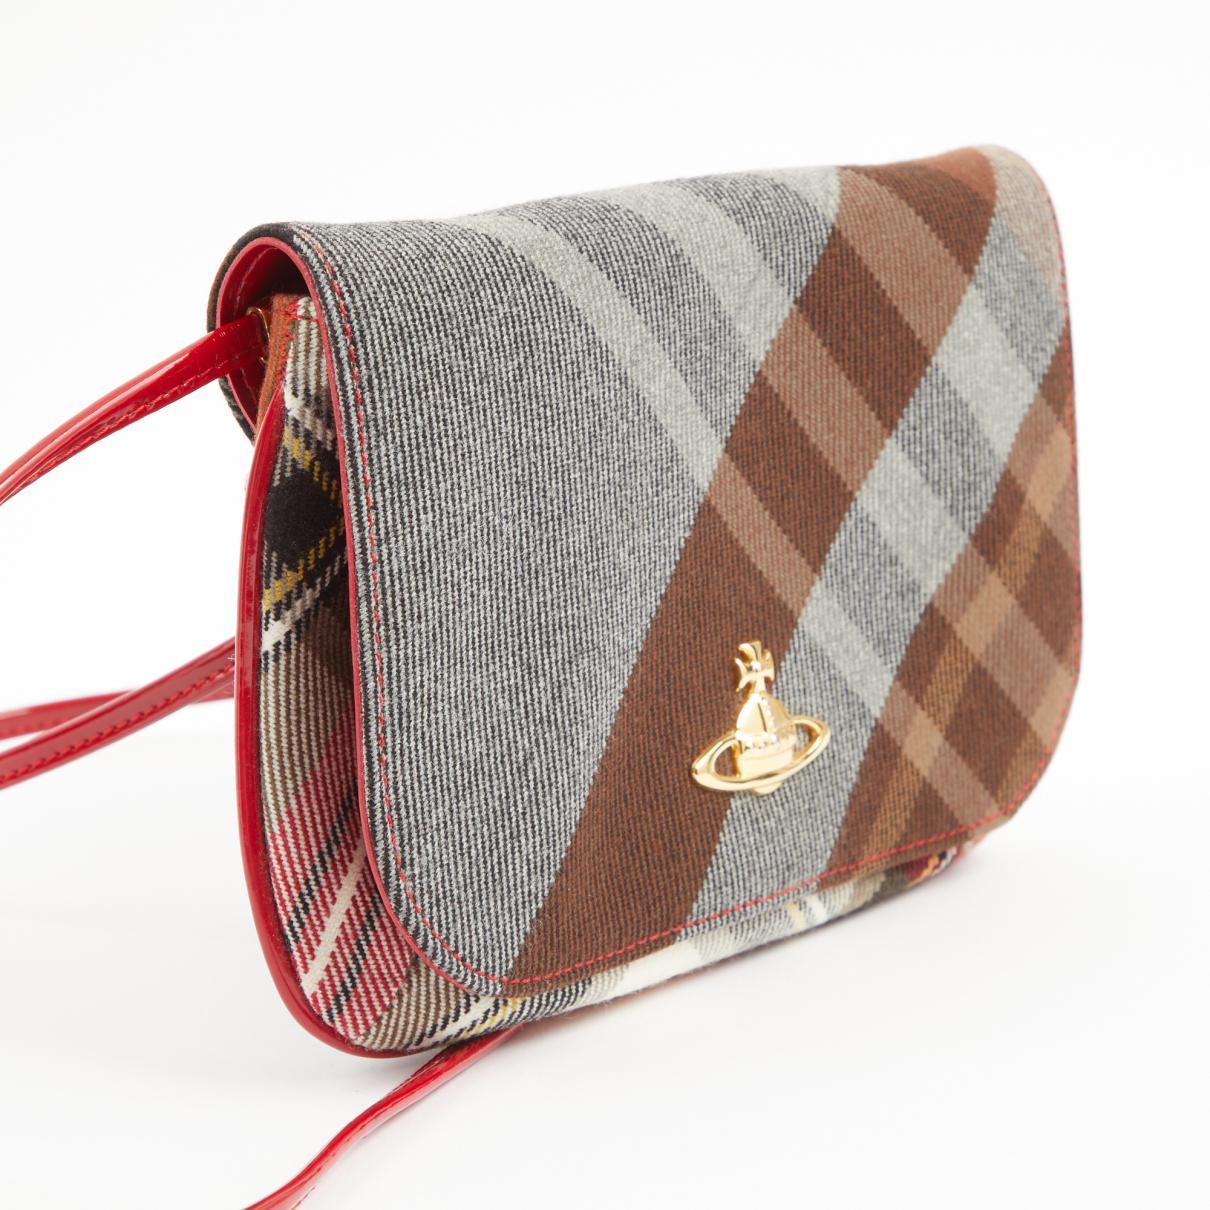 Vivienne Westwood Pre-owned - Cloth mini bag ge0zGNJAV